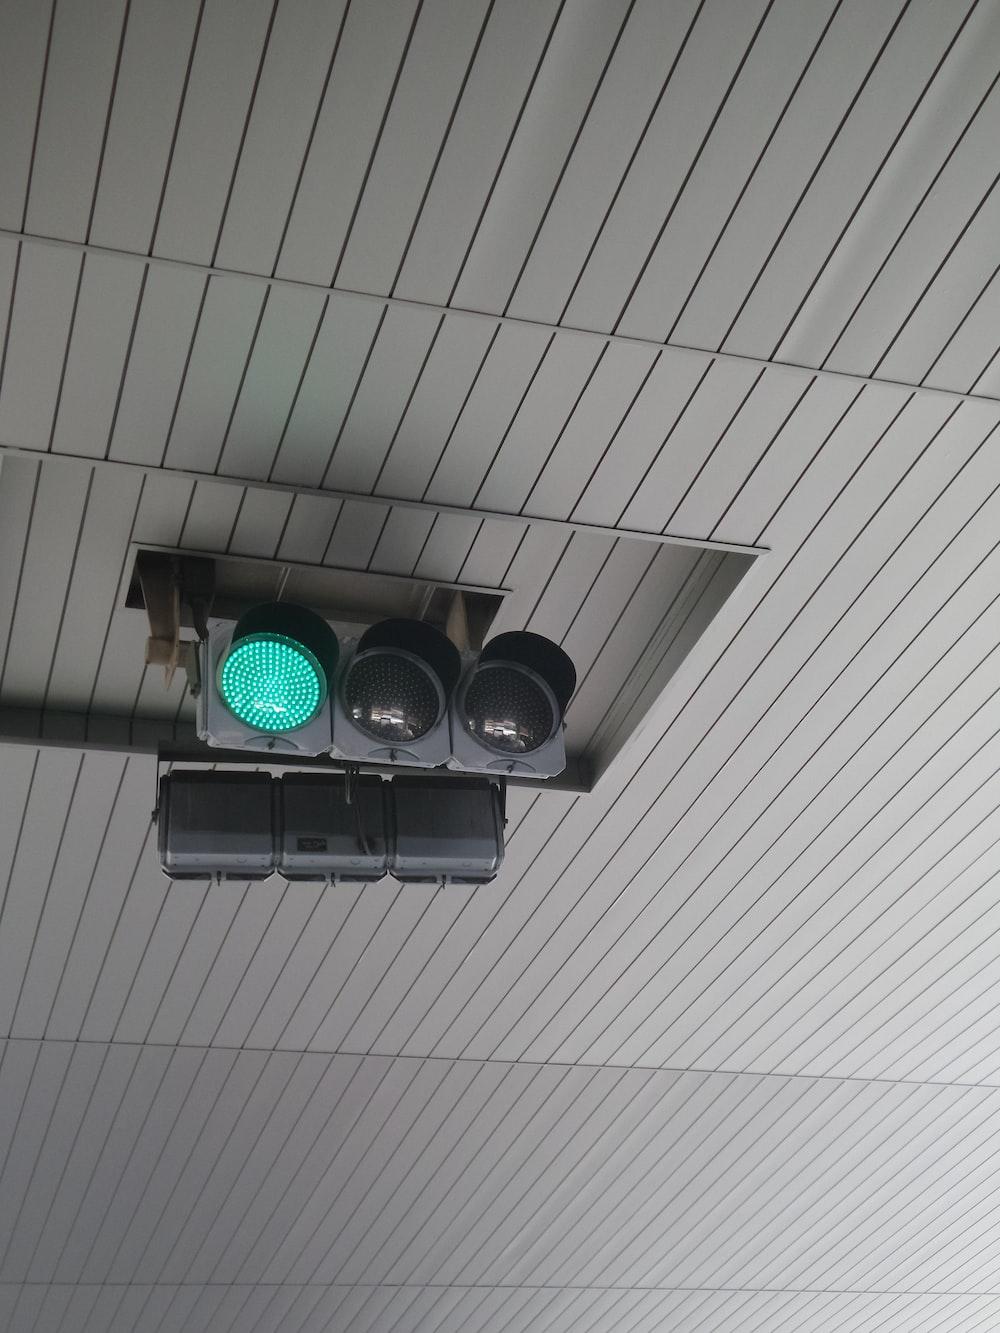 traffic light displaying green